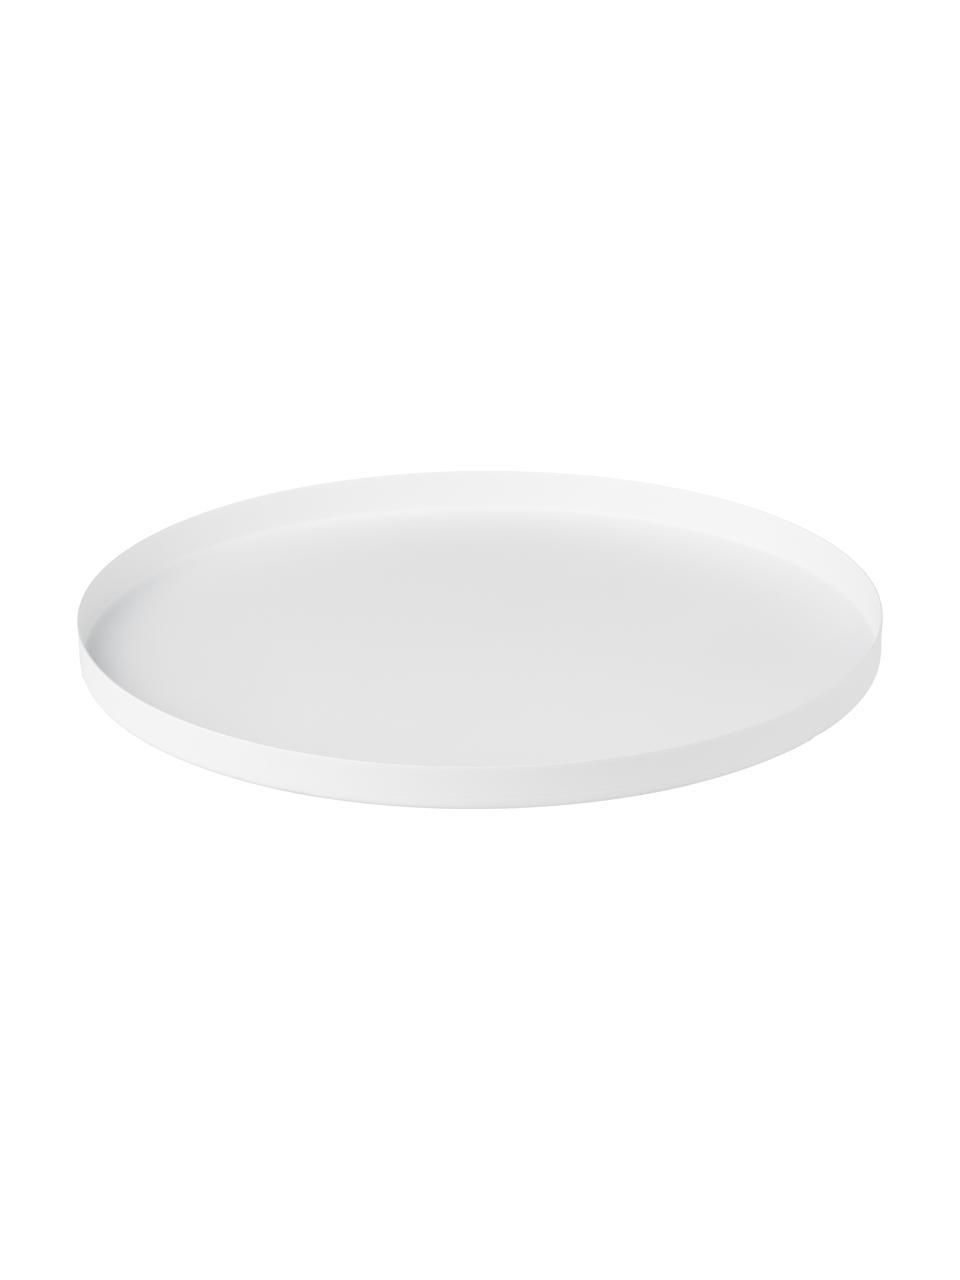 Vassoio decorativo rotondo in bianco Cerchio, Acciaio inossidabile, verniciato a polvere, Bianco opaco, Ø 30 x A 2 cm